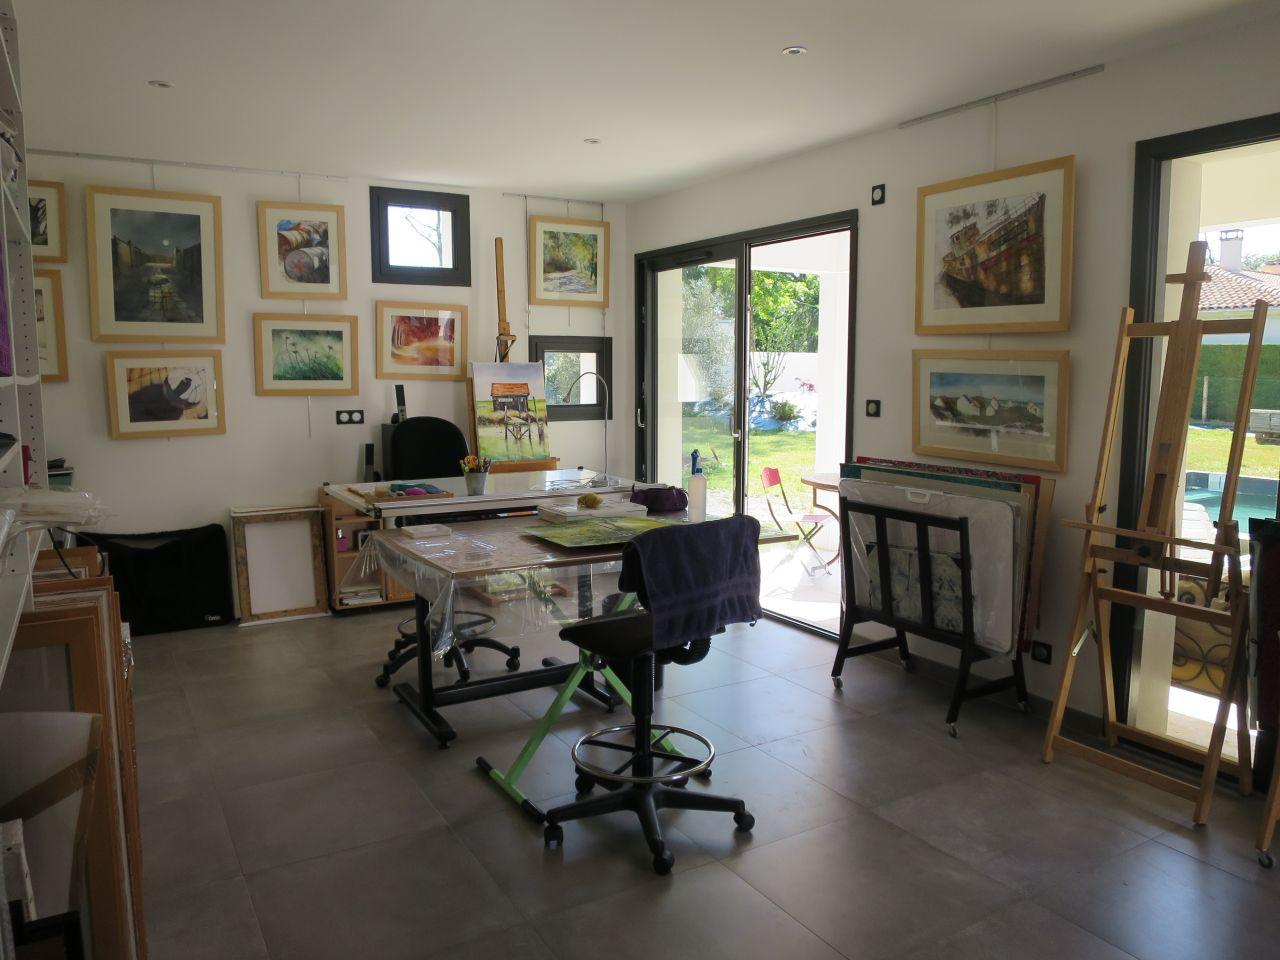 Chambre d'adultes ambiance contemporaine - Breuillet (Charente Maritime - 17) - mai 2016